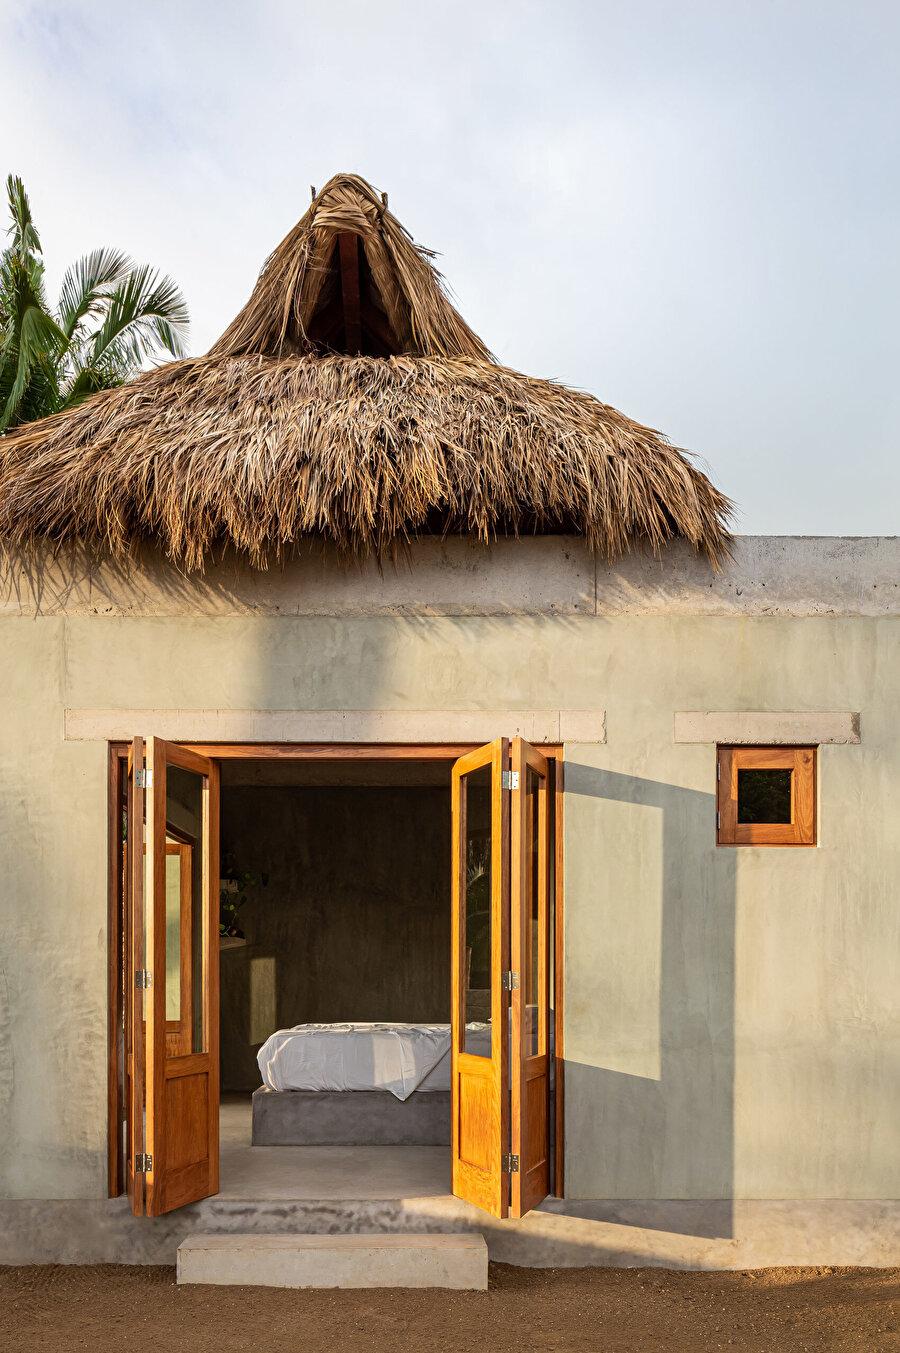 Palapas olarak bilinen sazdan yapılmış çatı, kuru palmiye yapraklarından oluşuyor.